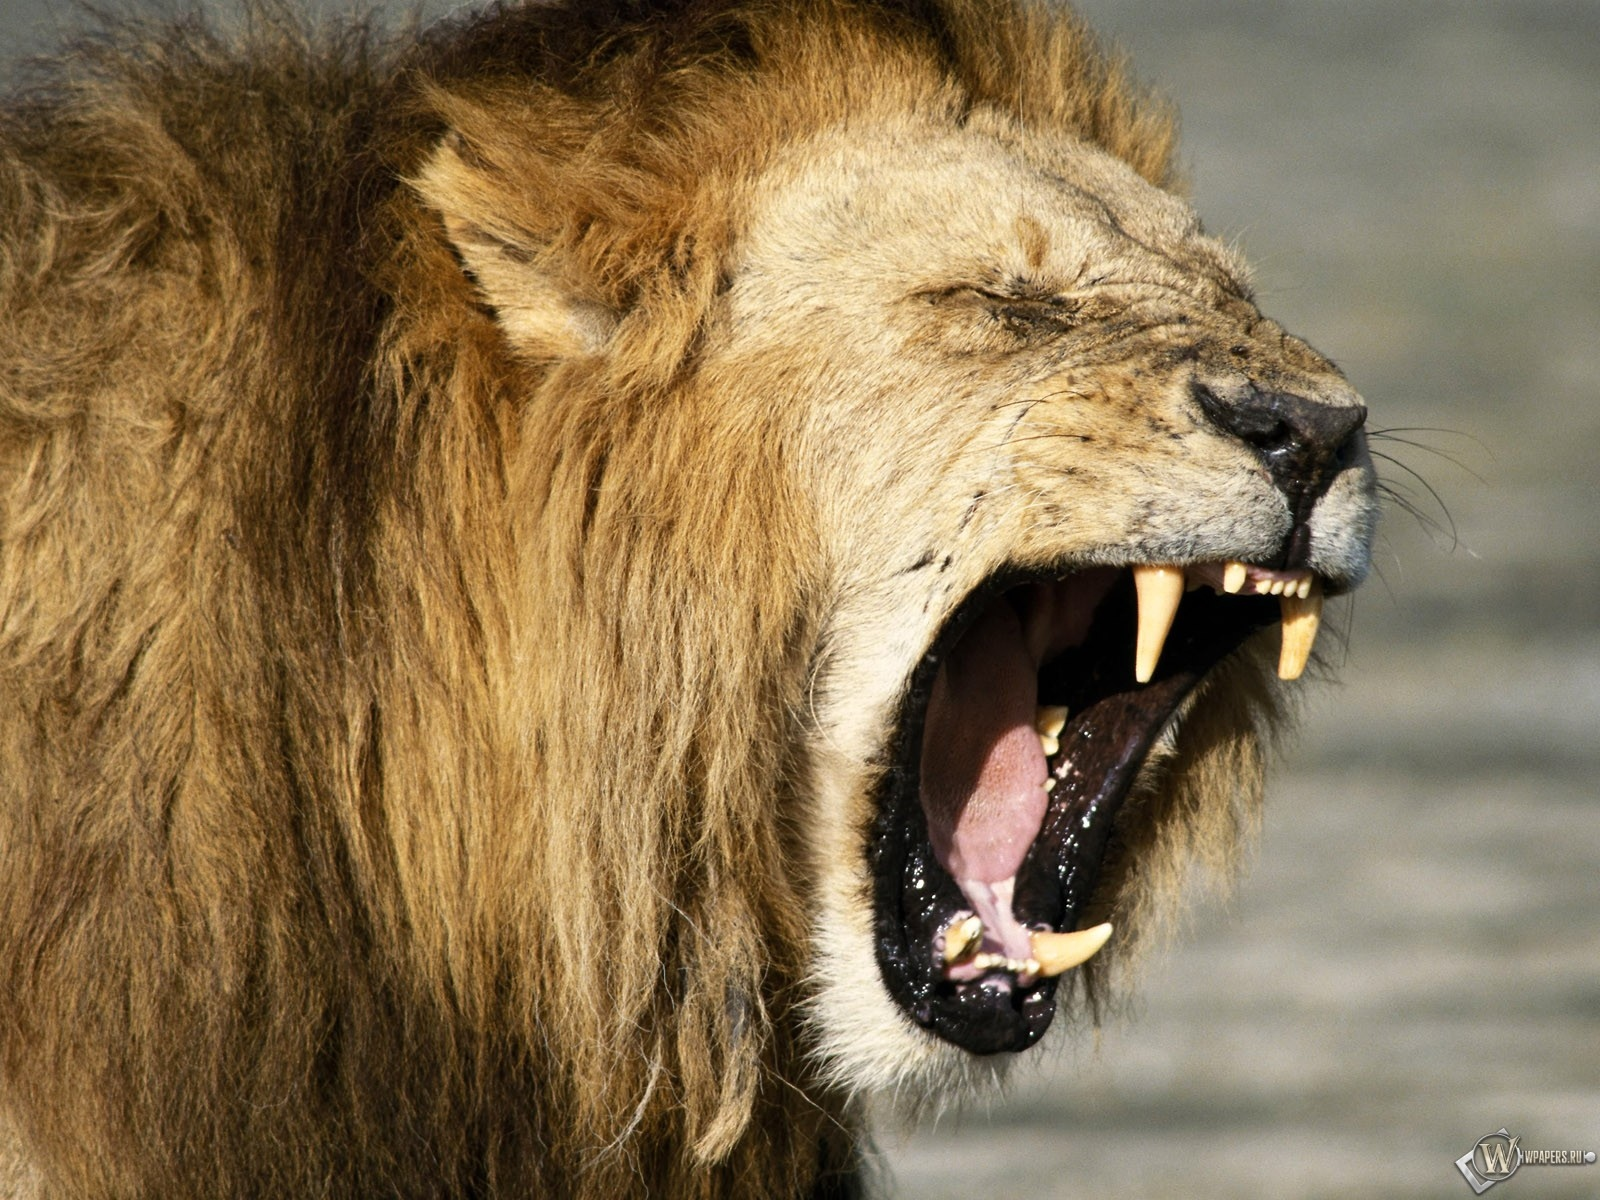 Очень злой лев 1600x1200